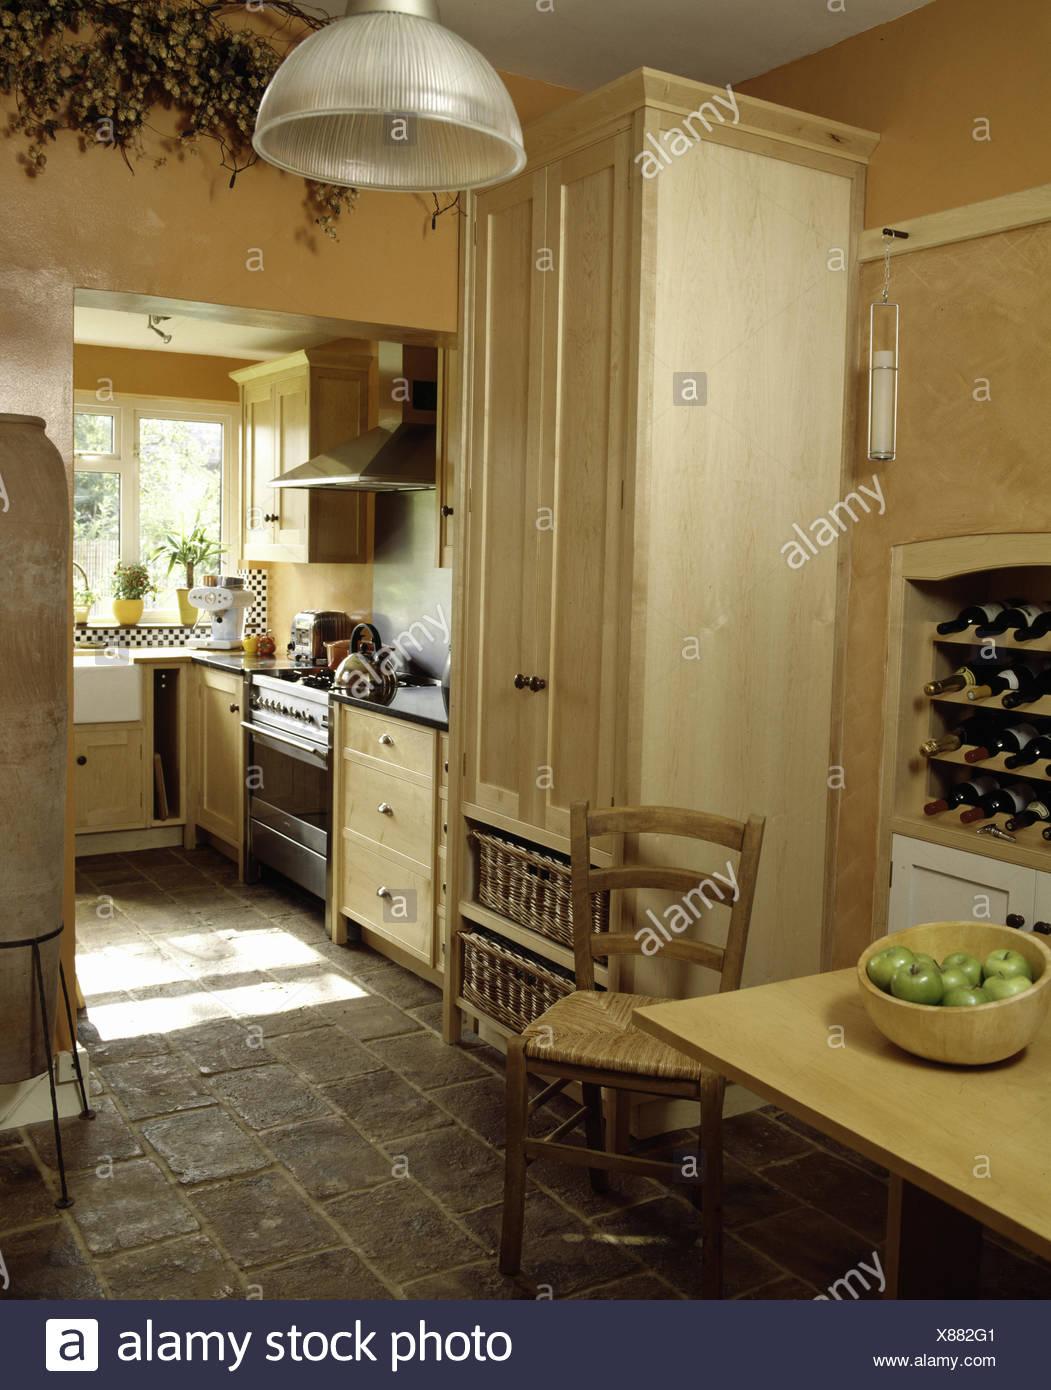 Pavimento in pietra e dispensa armadio nella cucina moderna Foto ...